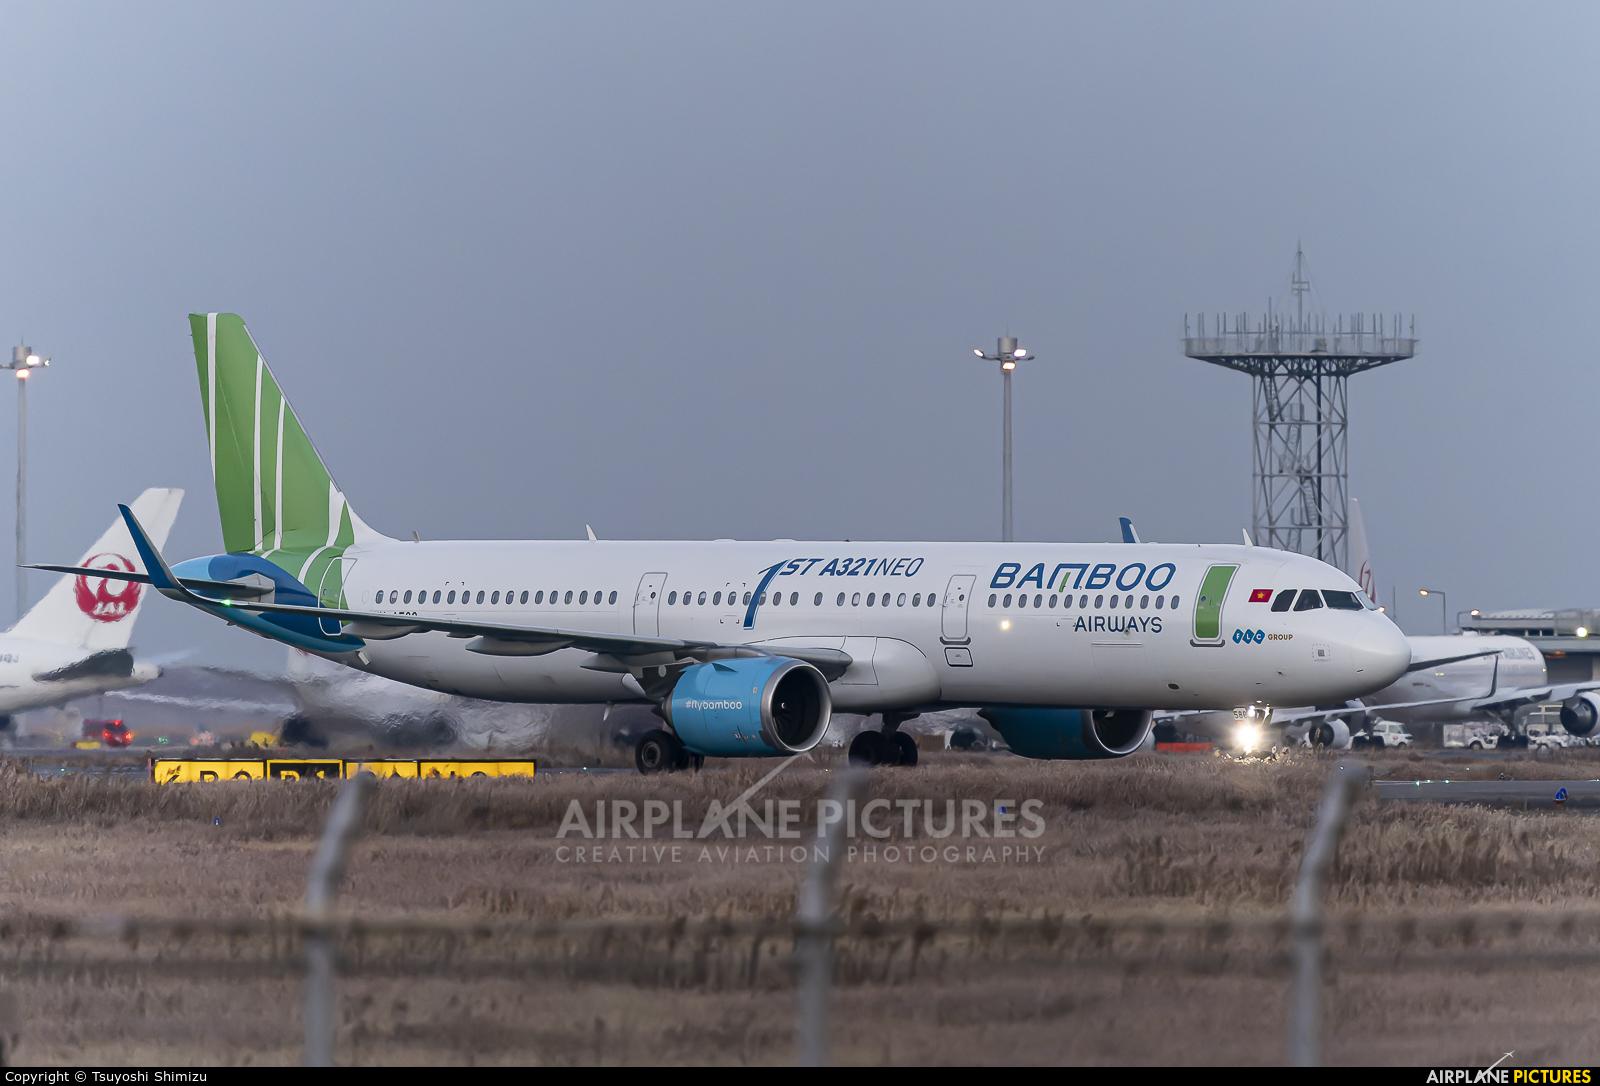 Bamboo Airways VN-A588 aircraft at Tokyo - Haneda Intl